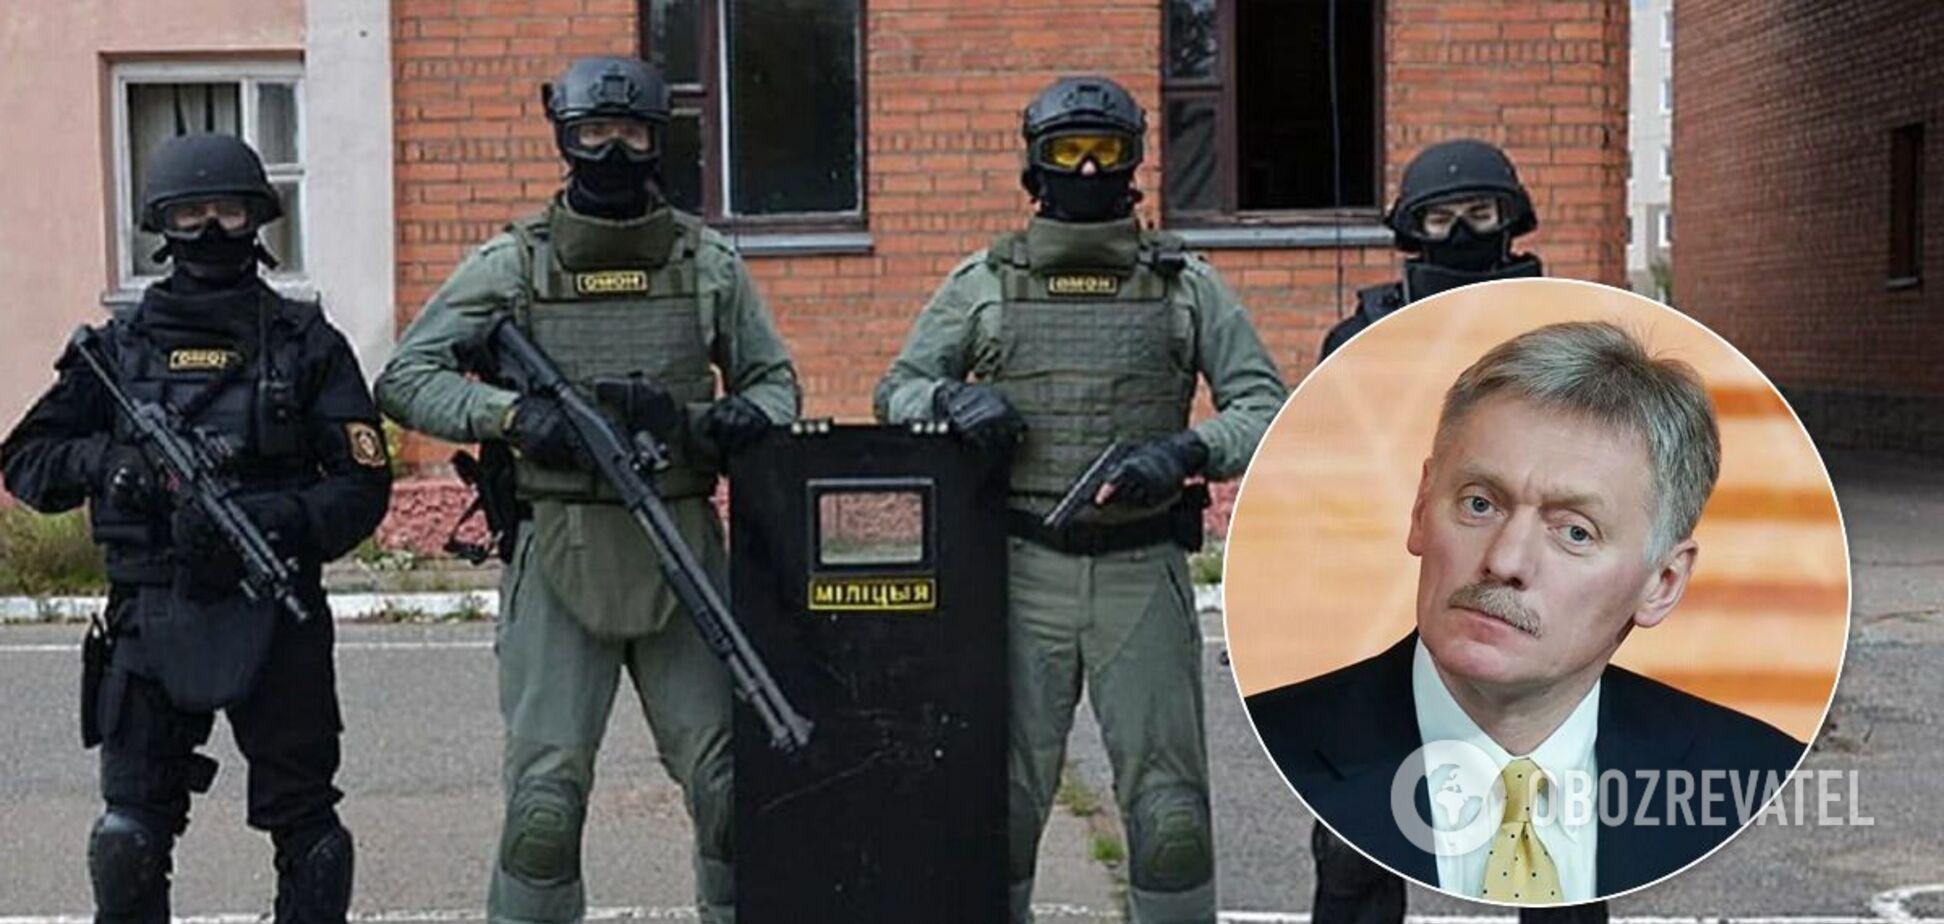 Дмитро Пєсков відреагував на затримання бойовиків у Білорусі